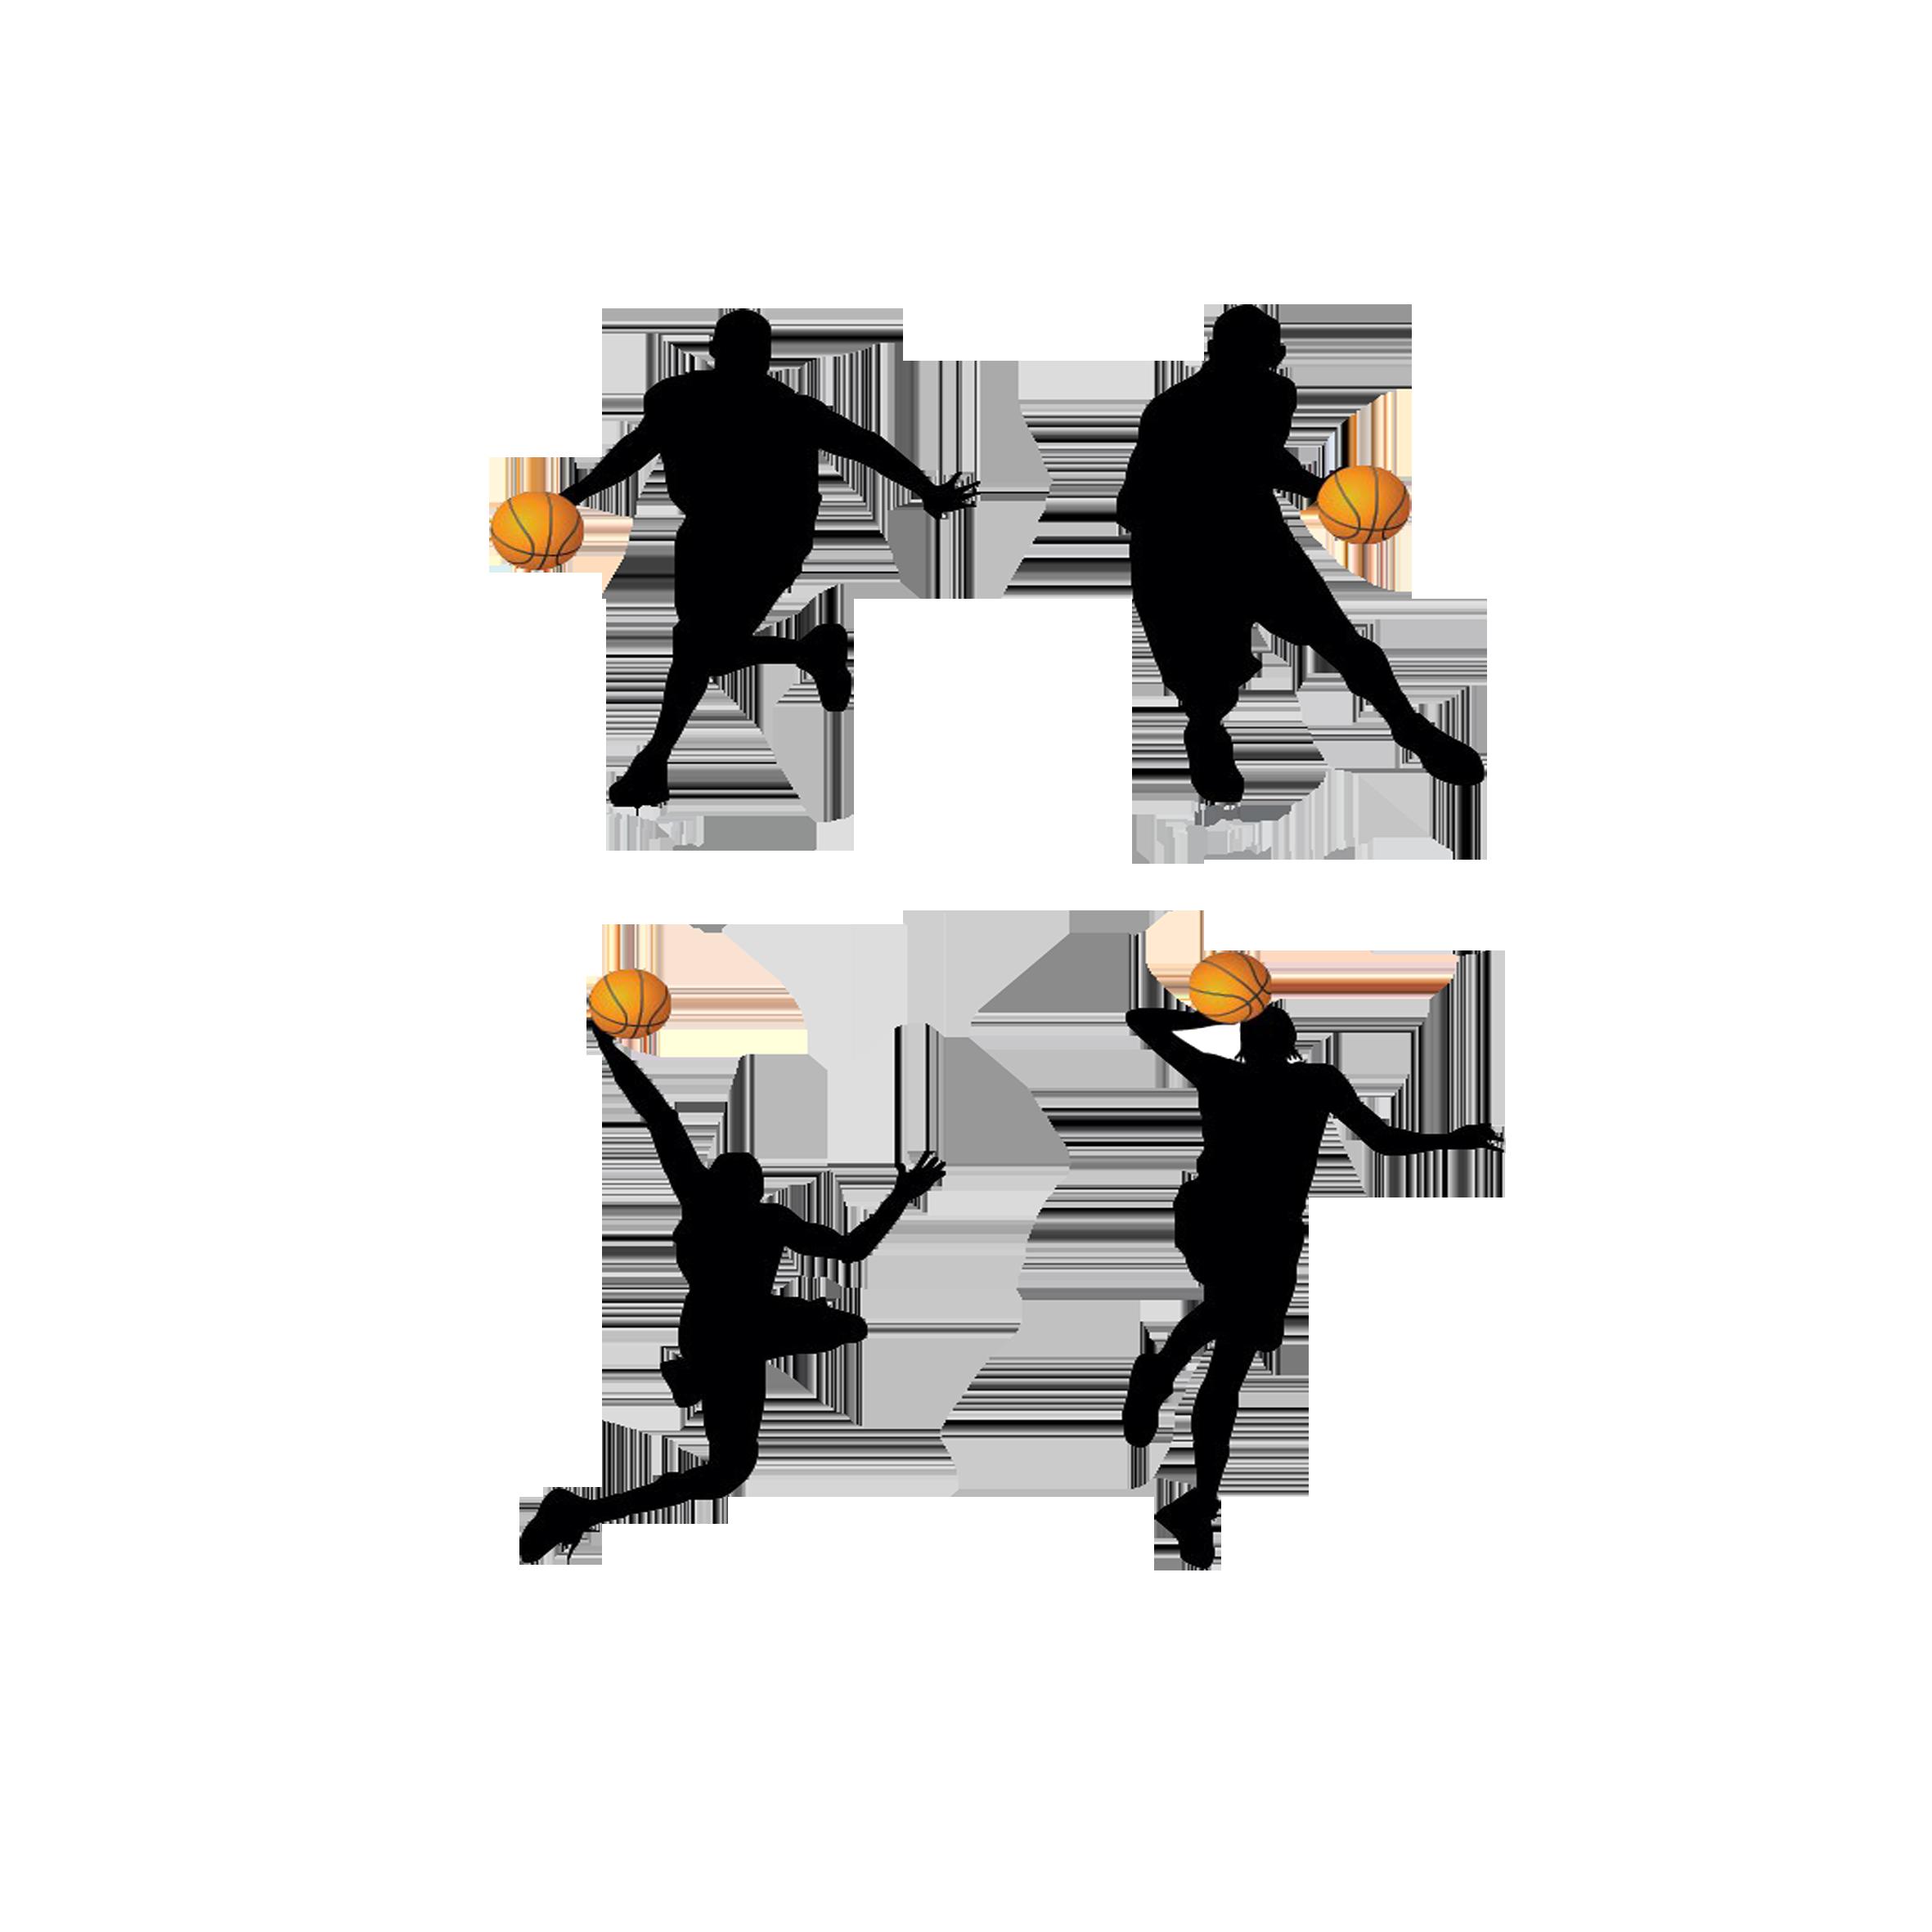 Basketball jumpball clipart vector transparent download Basketball player Backboard Clip art - Classic basketball action ... vector transparent download